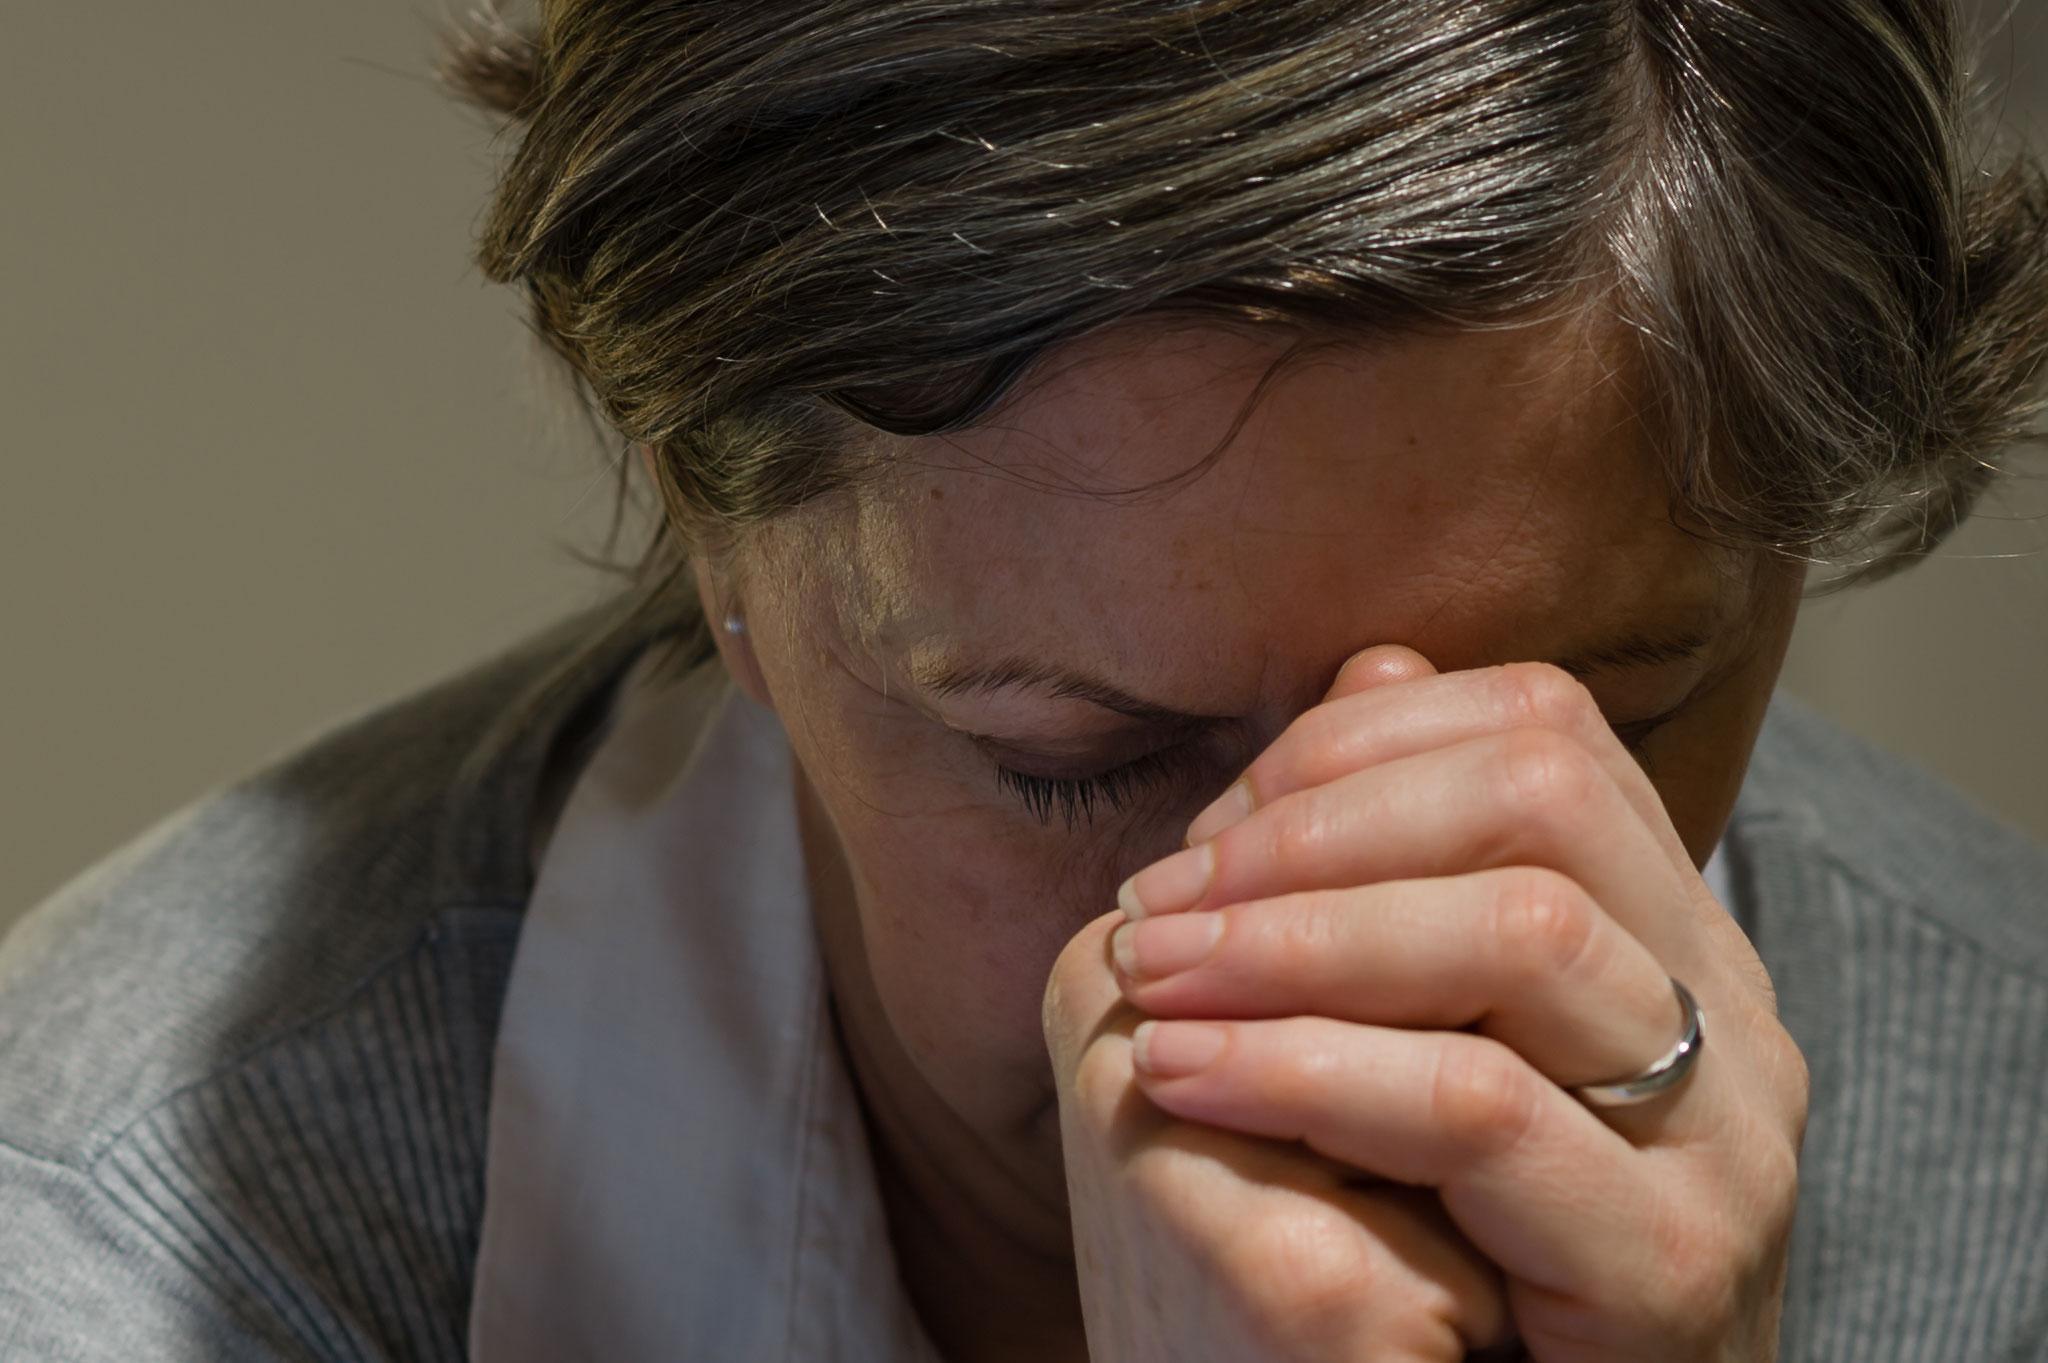 障害者差別解消法 施行後も聞こえる「悲痛な声」